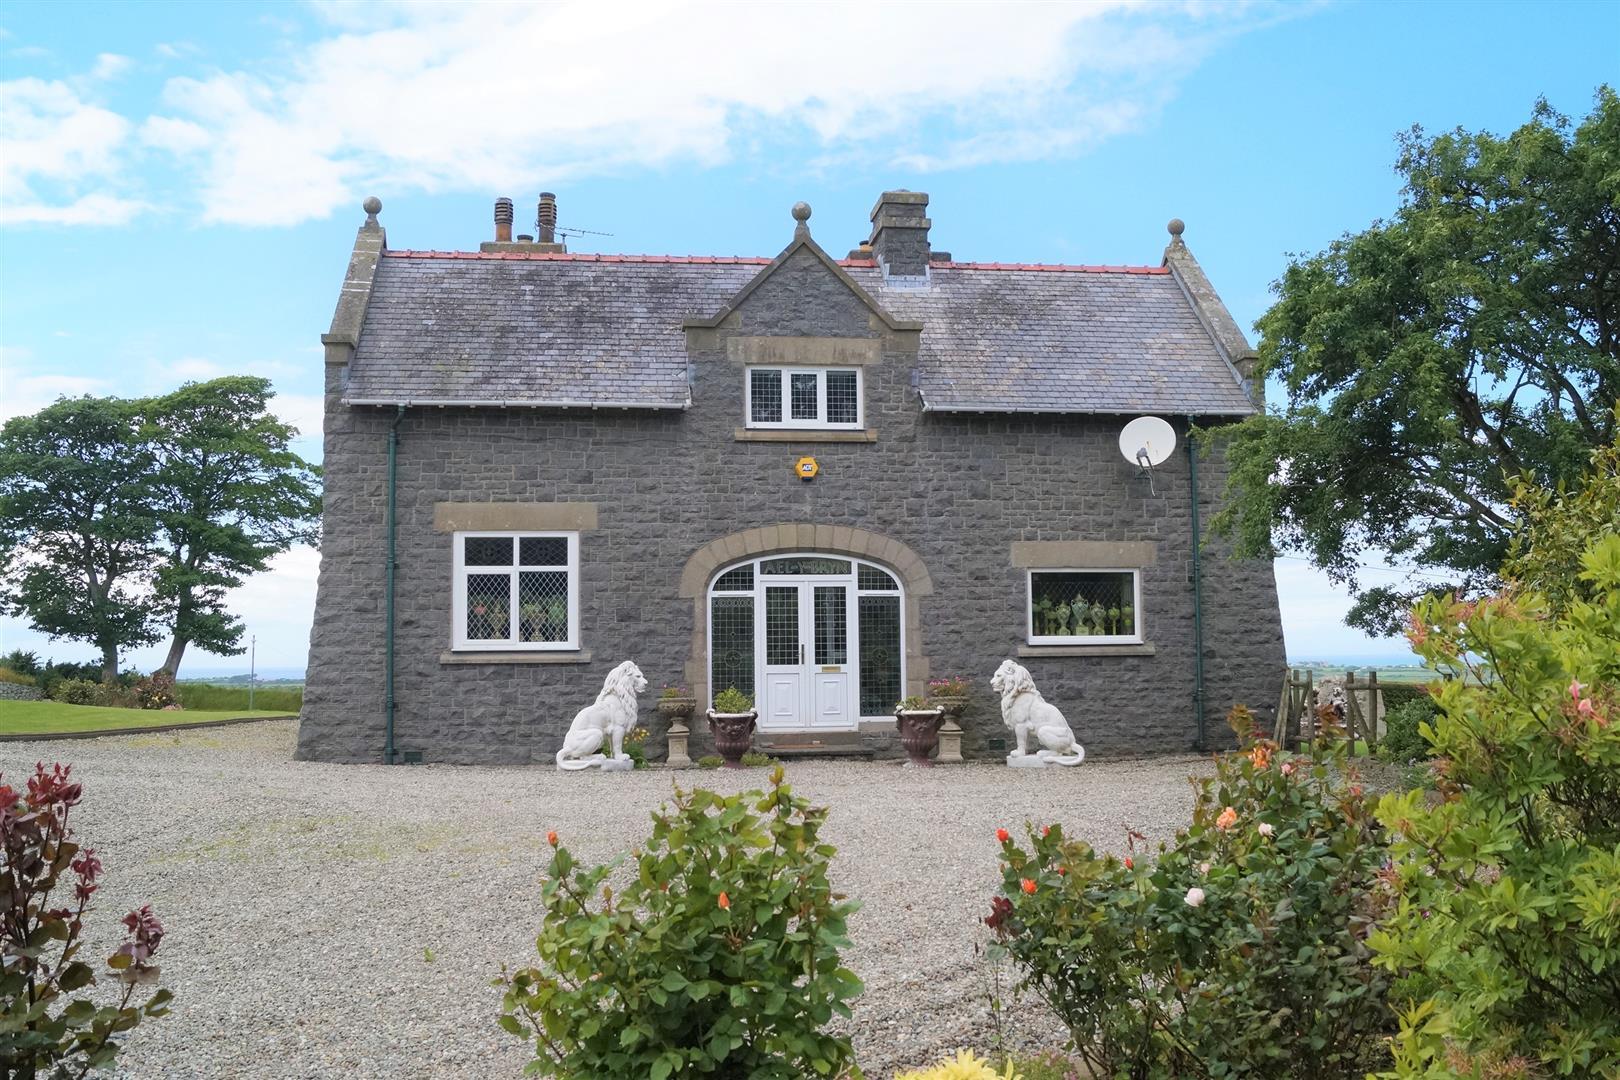 Dinas, Pwllheli - £450,000